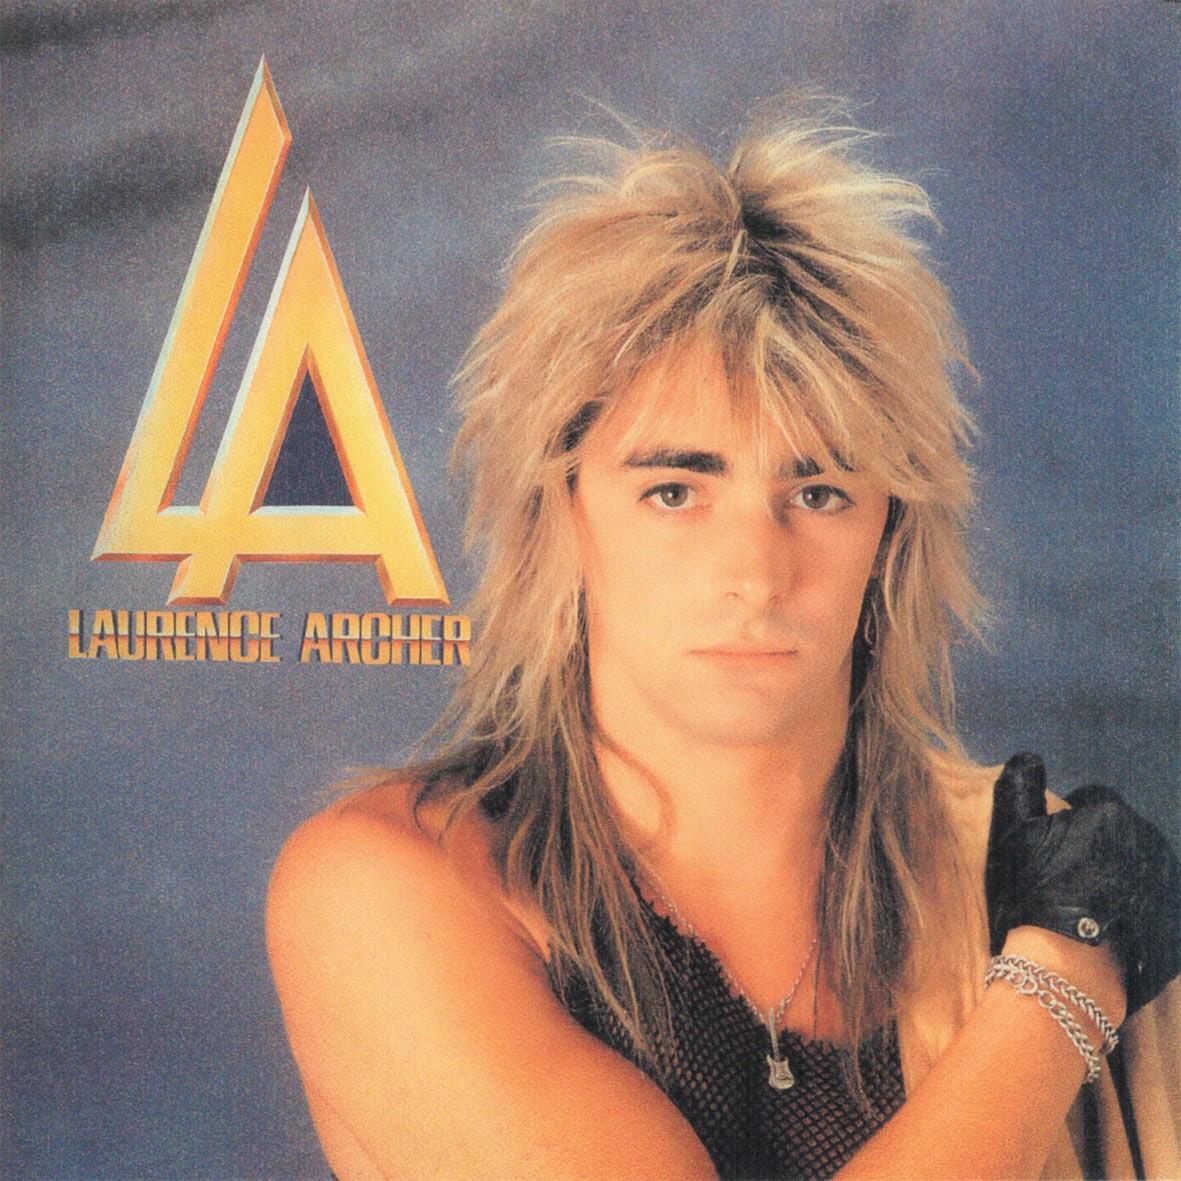 Laurence Archer LA 1986